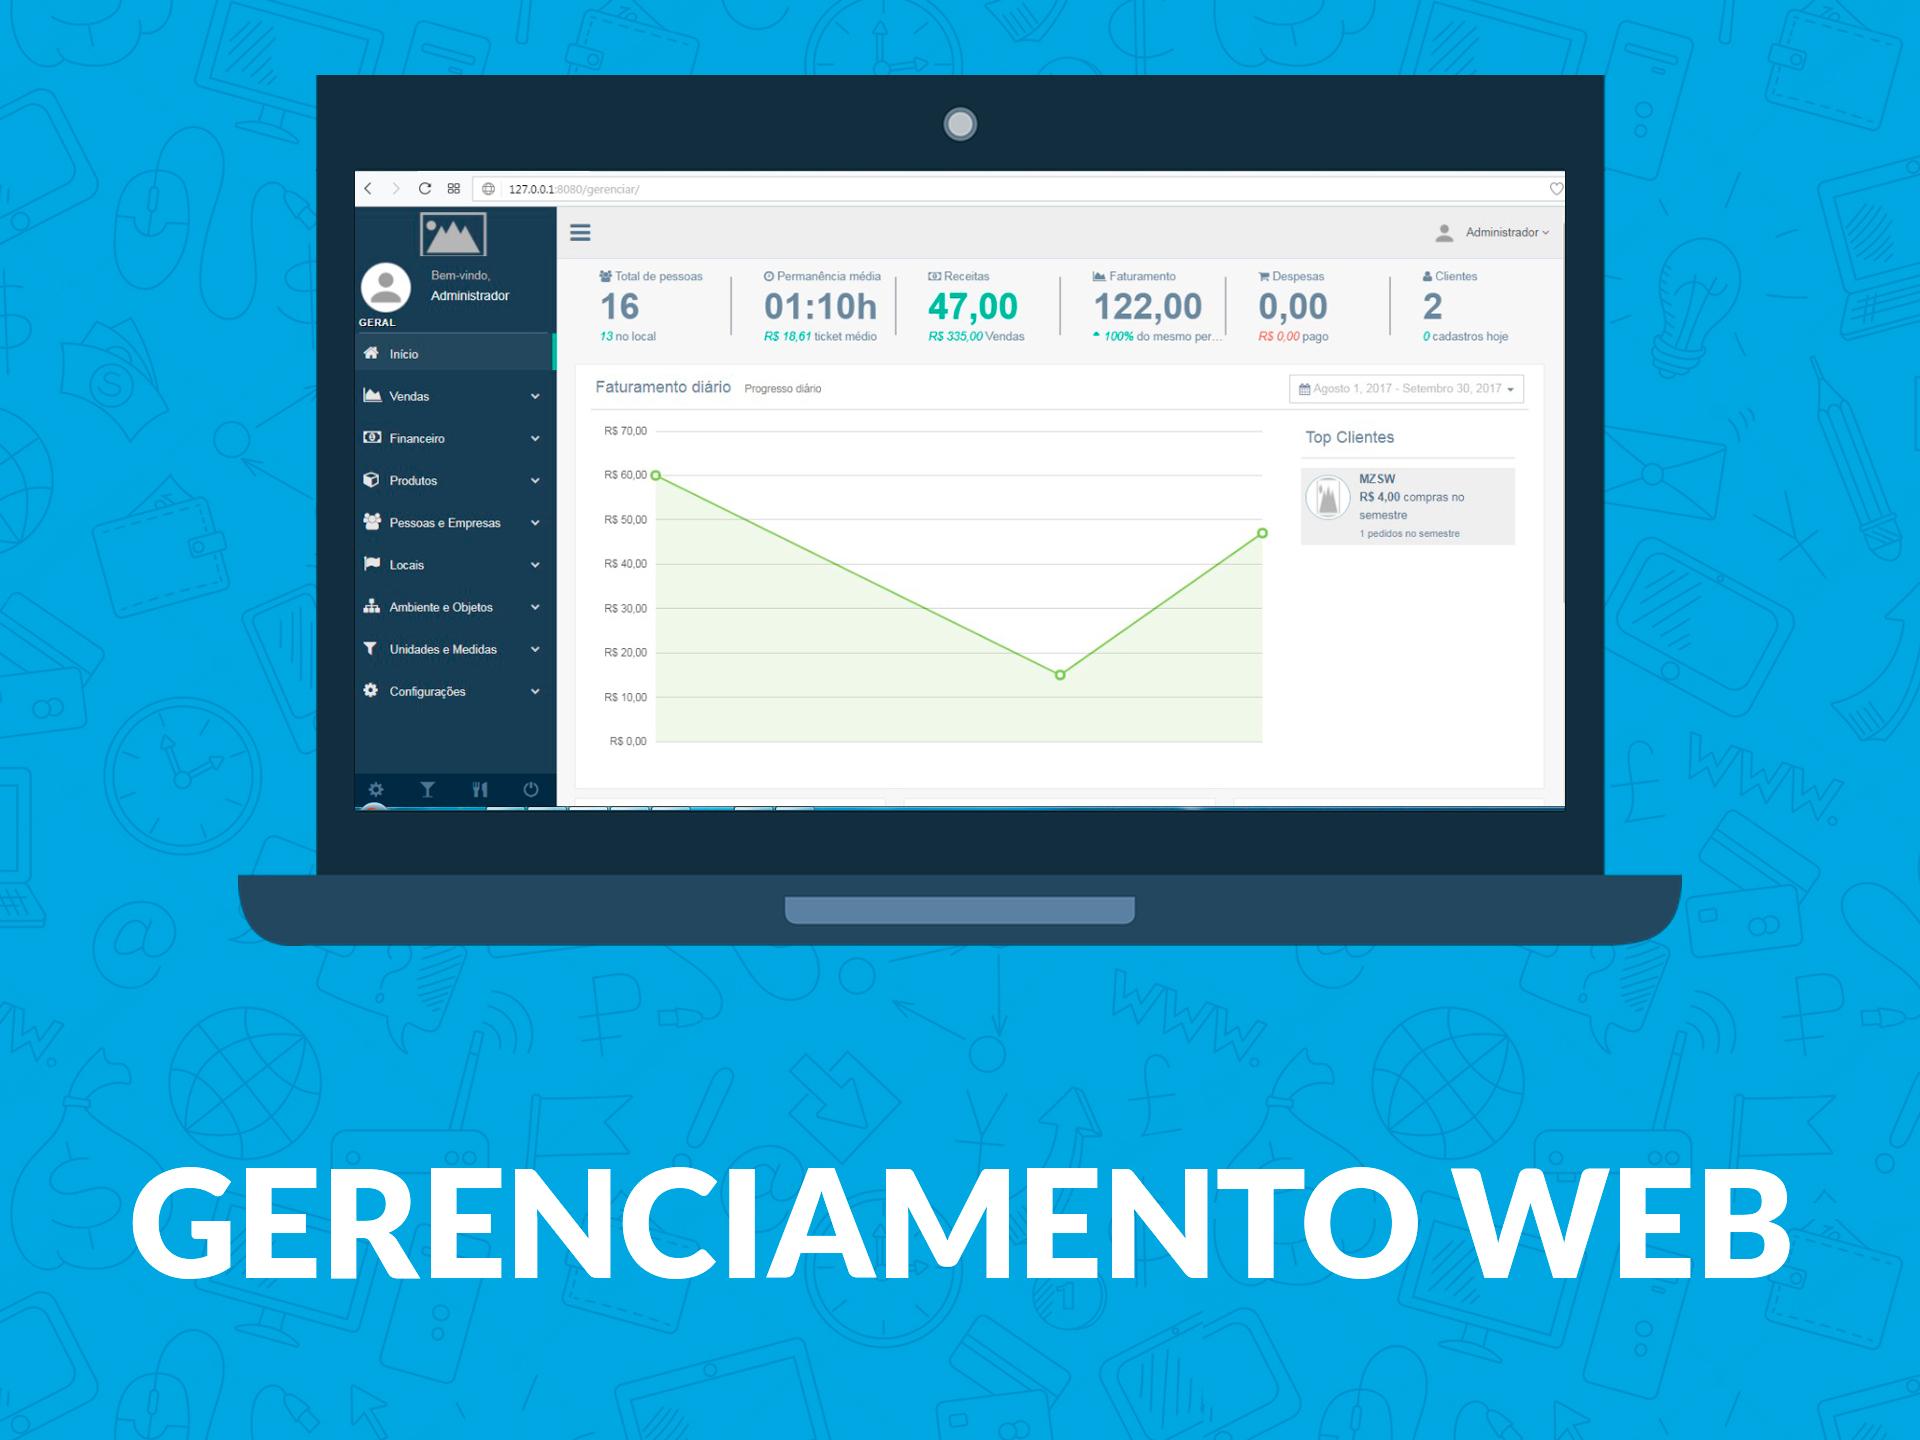 Gerenciamento WEB